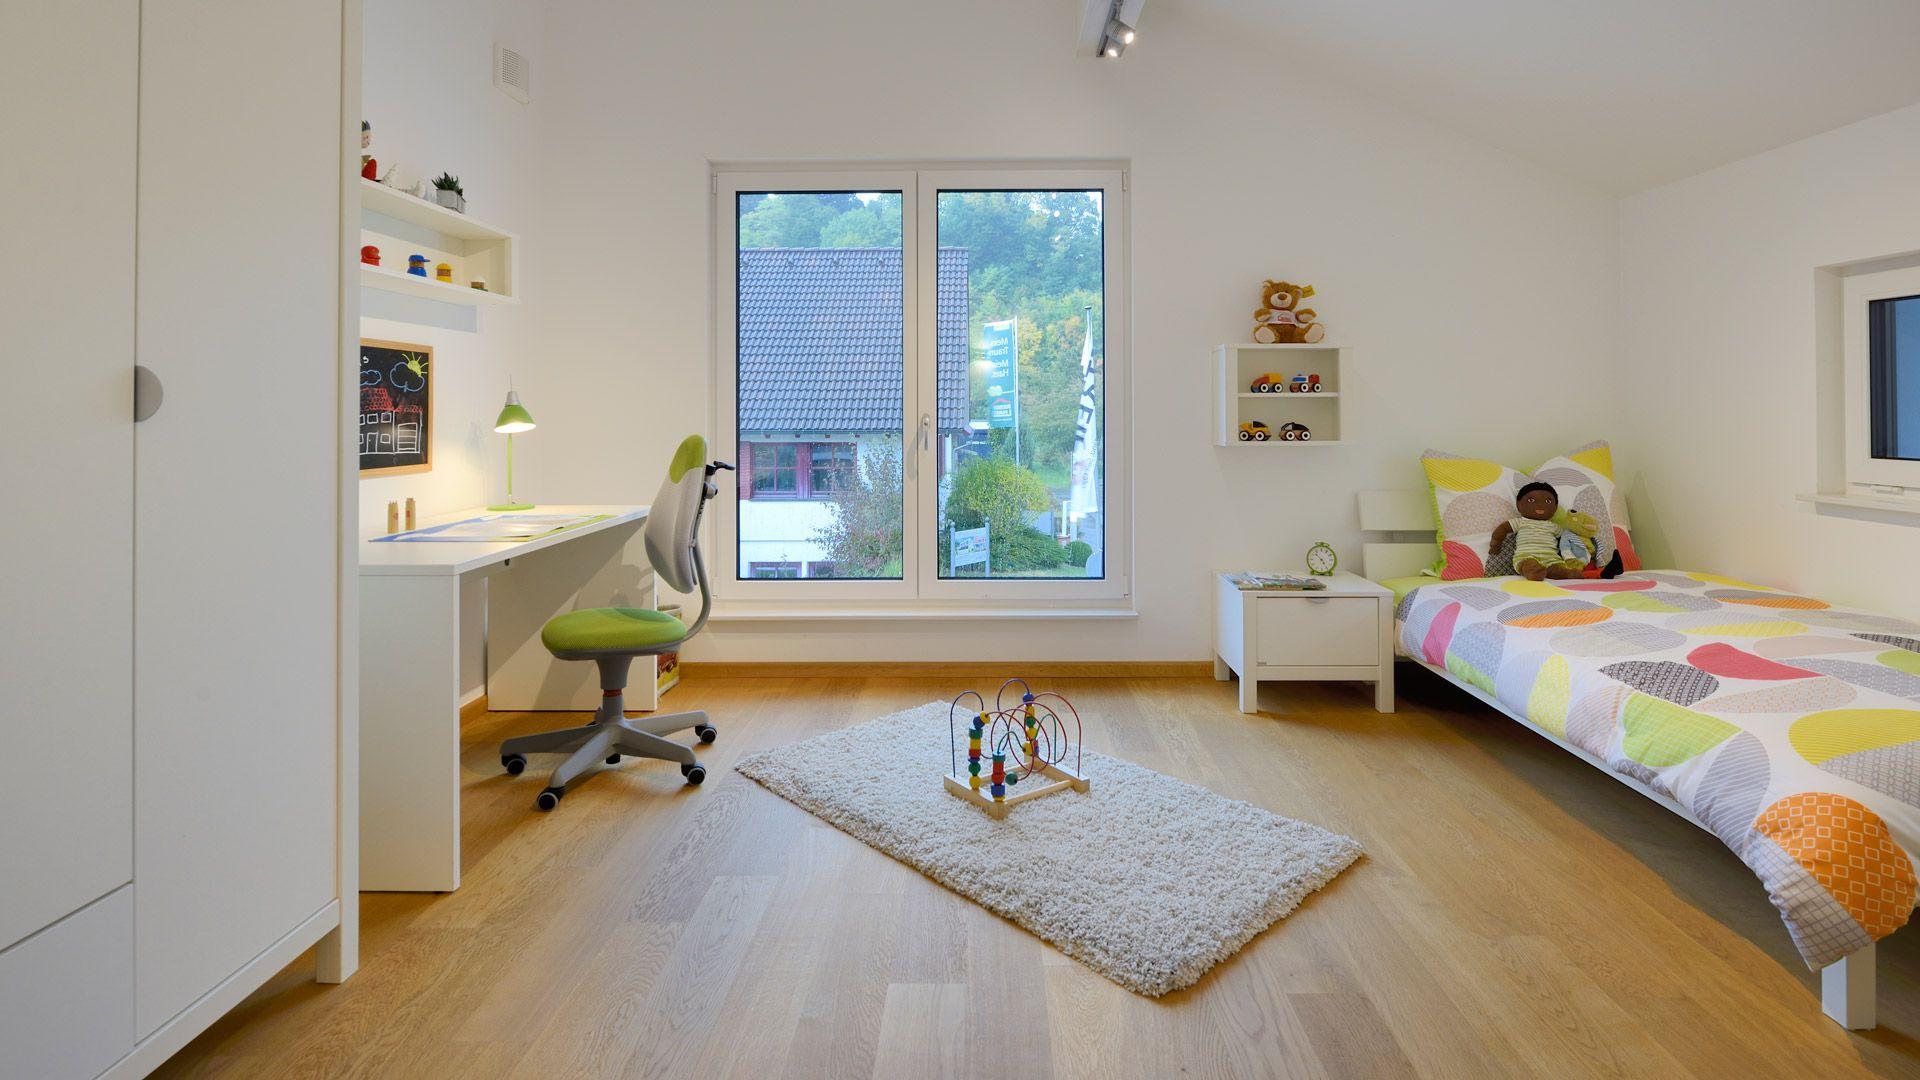 Das Kinderzimmer im Musterhaus Ulm im Hausbau Center in